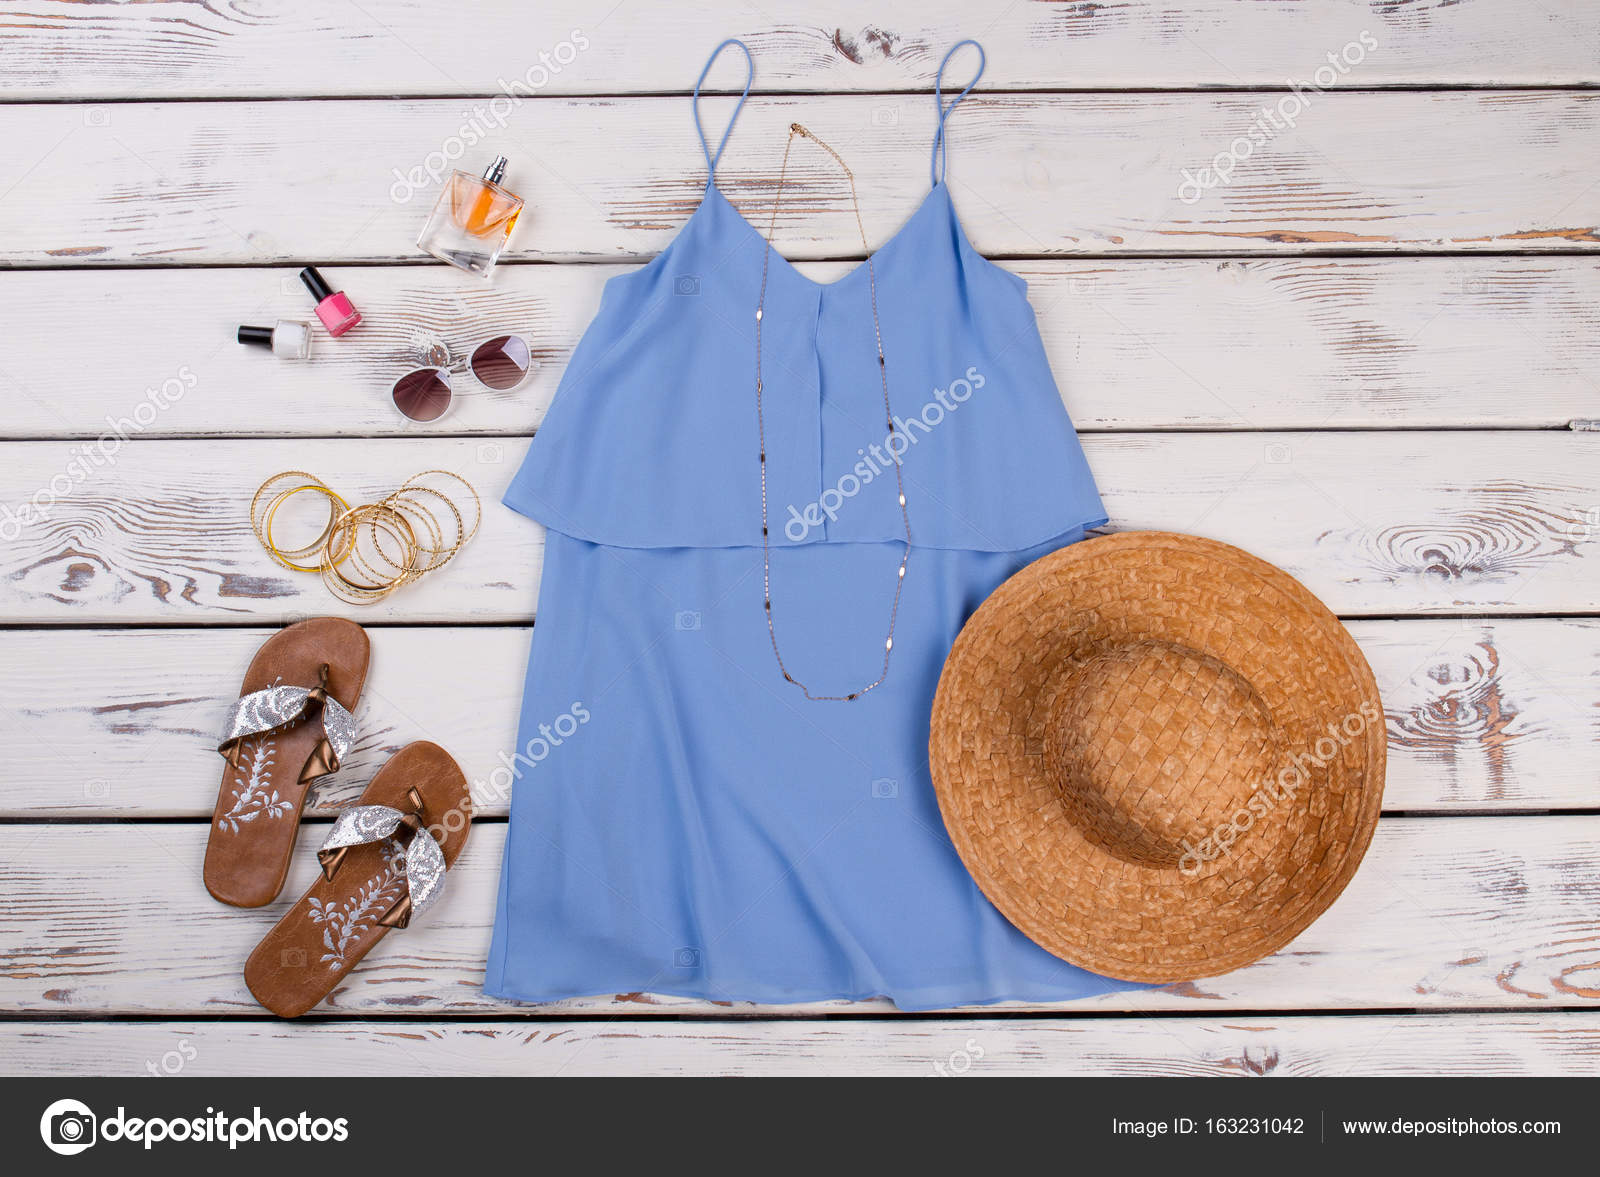 f6f99edb9344 Summer γυναικεία είδη ένδυσης